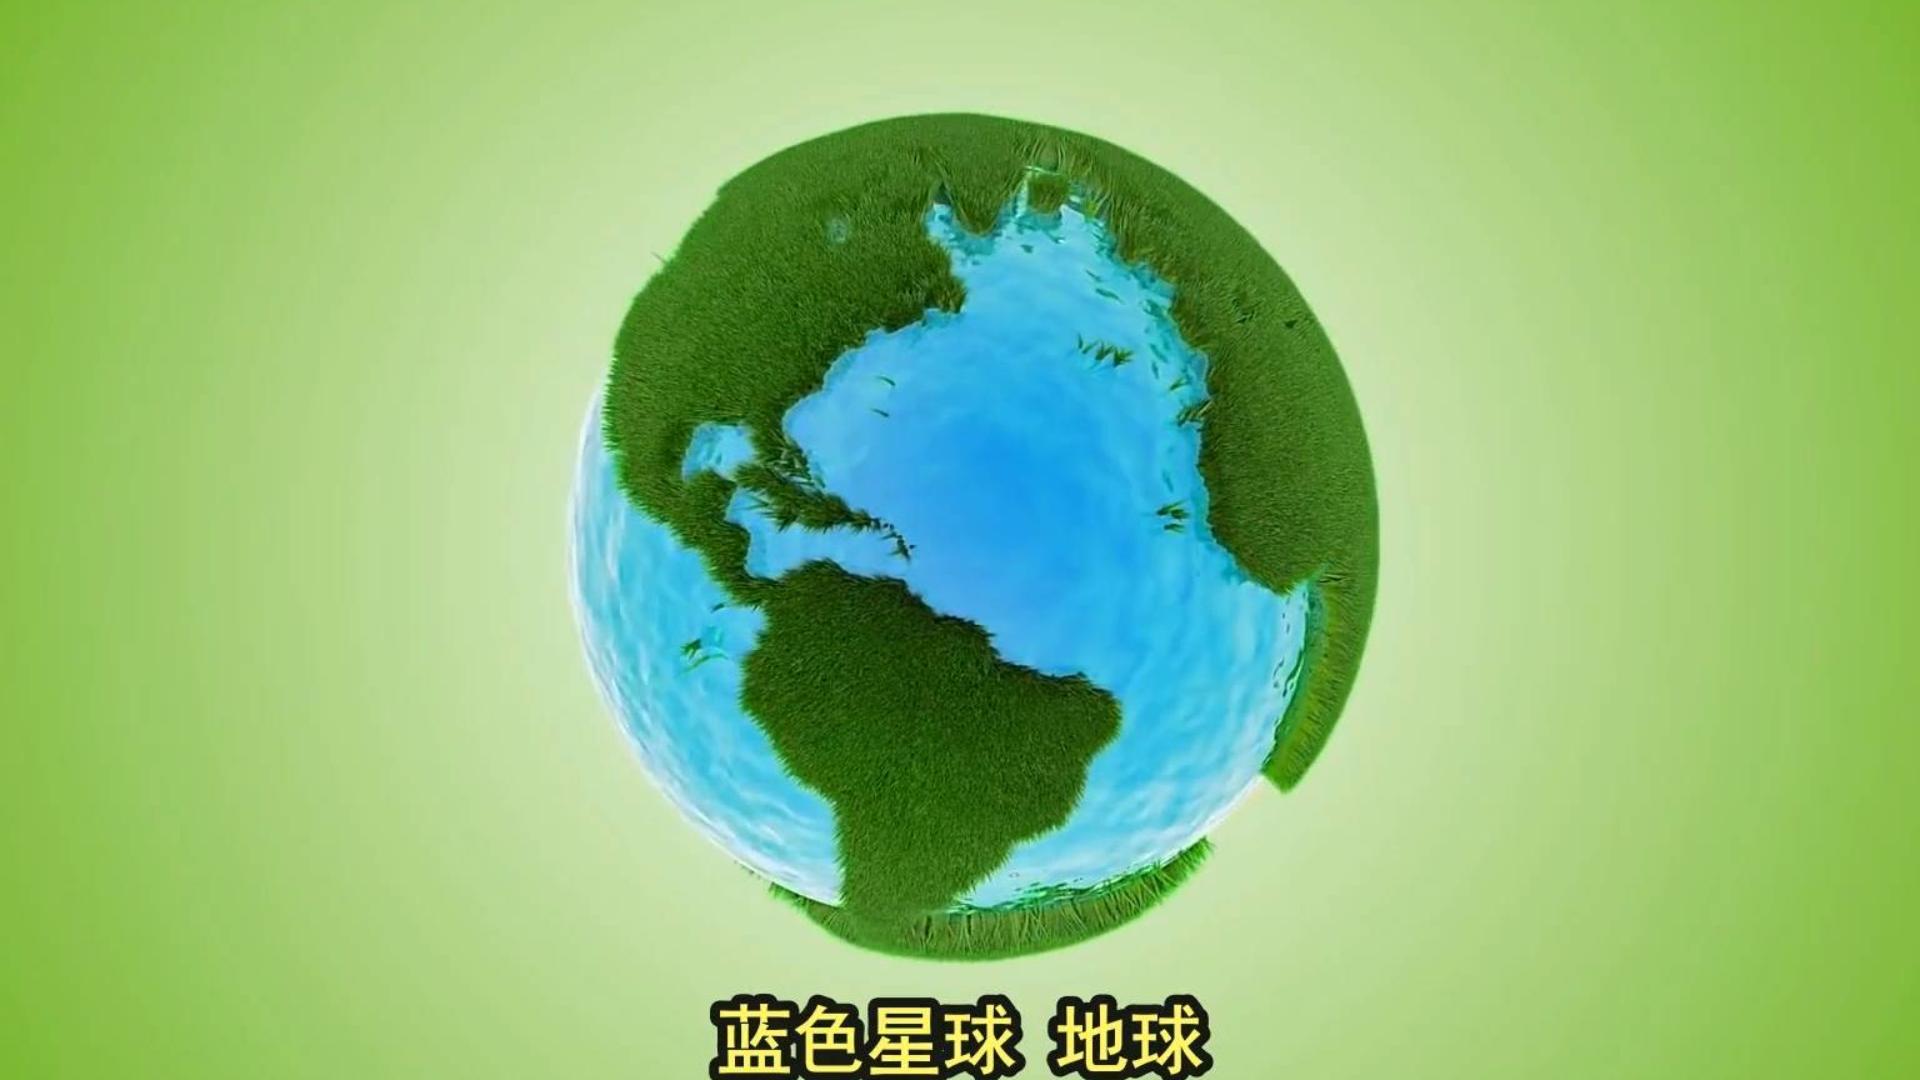 【科普】如果地球是个有机生命体会怎样